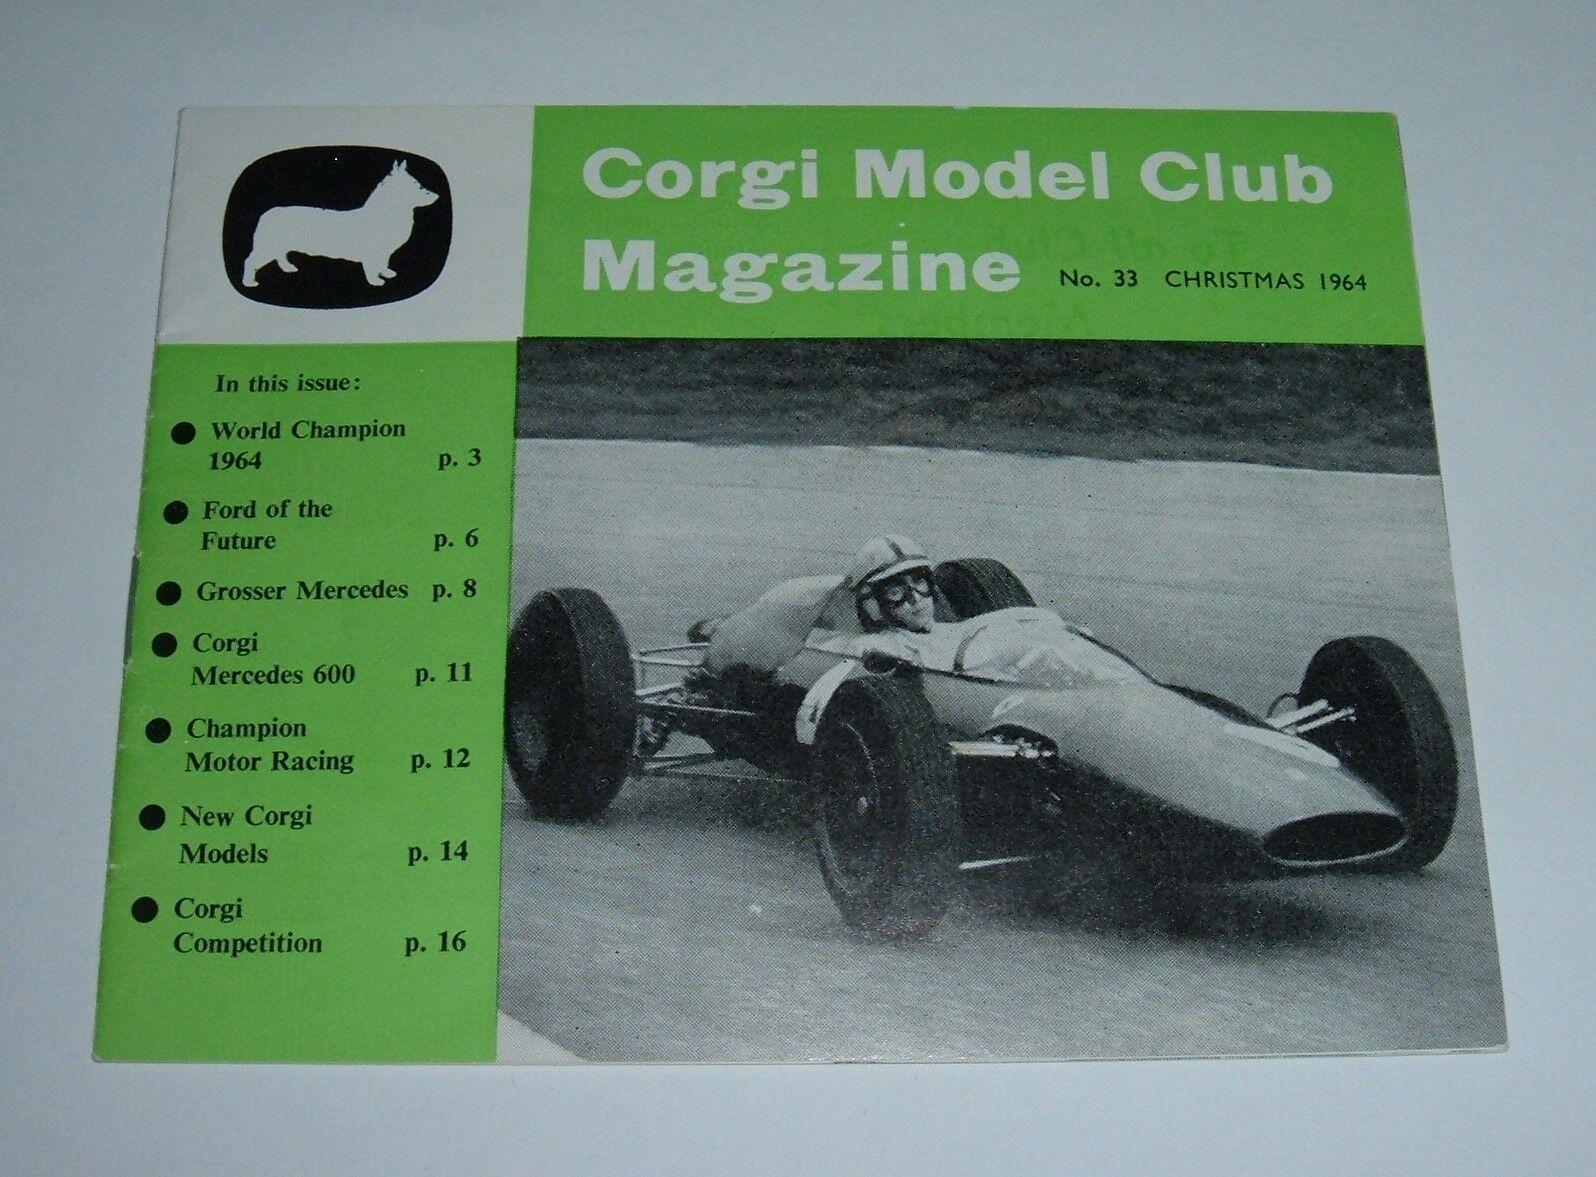 Original Corgi Club Magazine No. 33, Christmas 1964, - - - Superb. dddd84